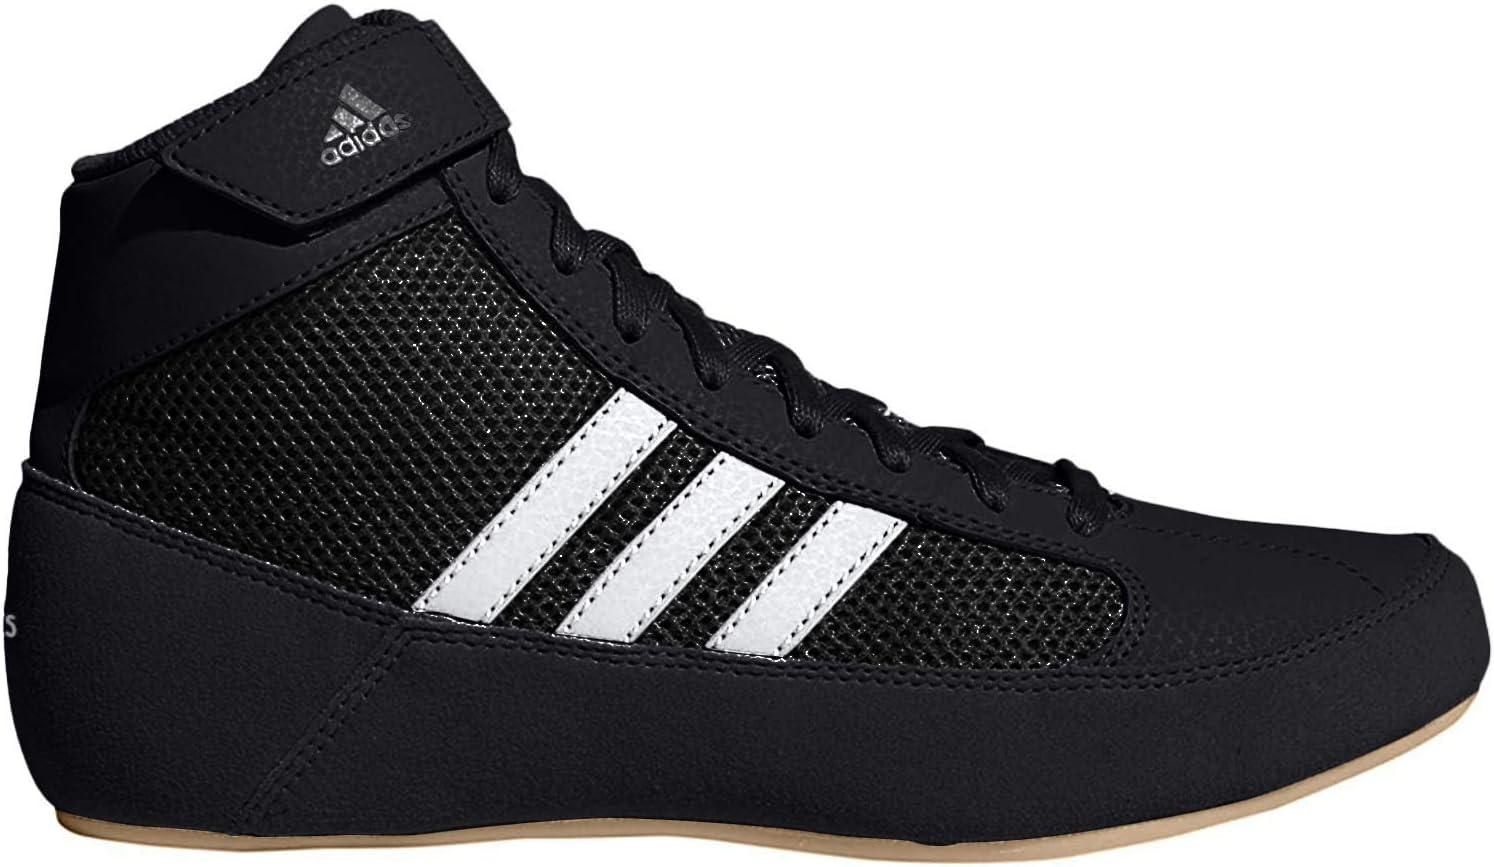 Adidas AQ3325 Tapis de lutte pour homme avec sangle de cheville 2 couleurs